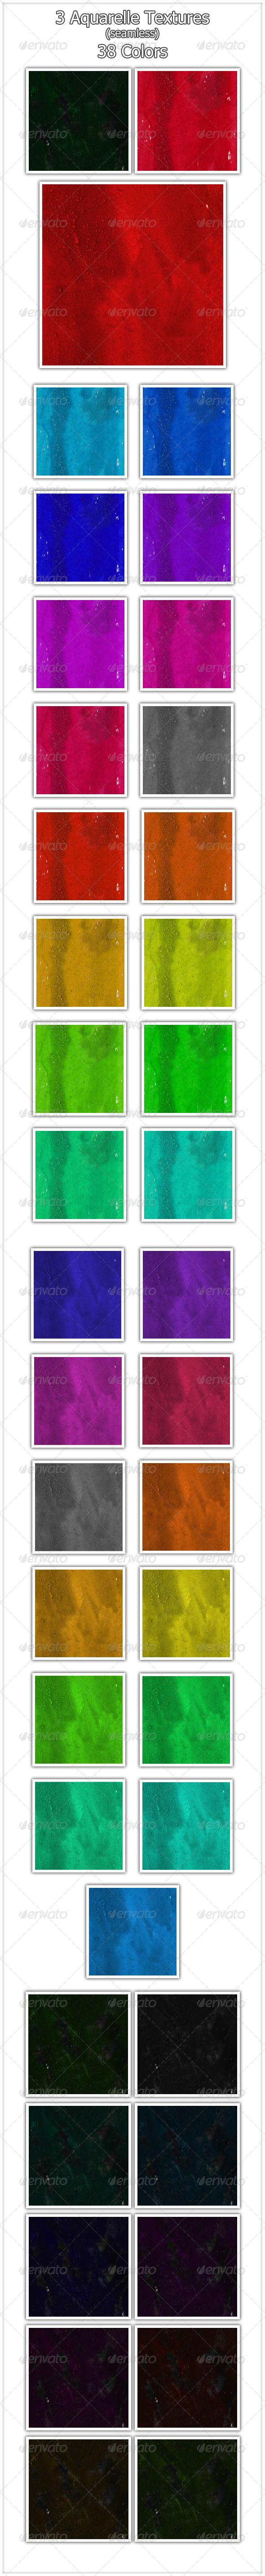 Aquarelle Textures (seamless) - Art Textures